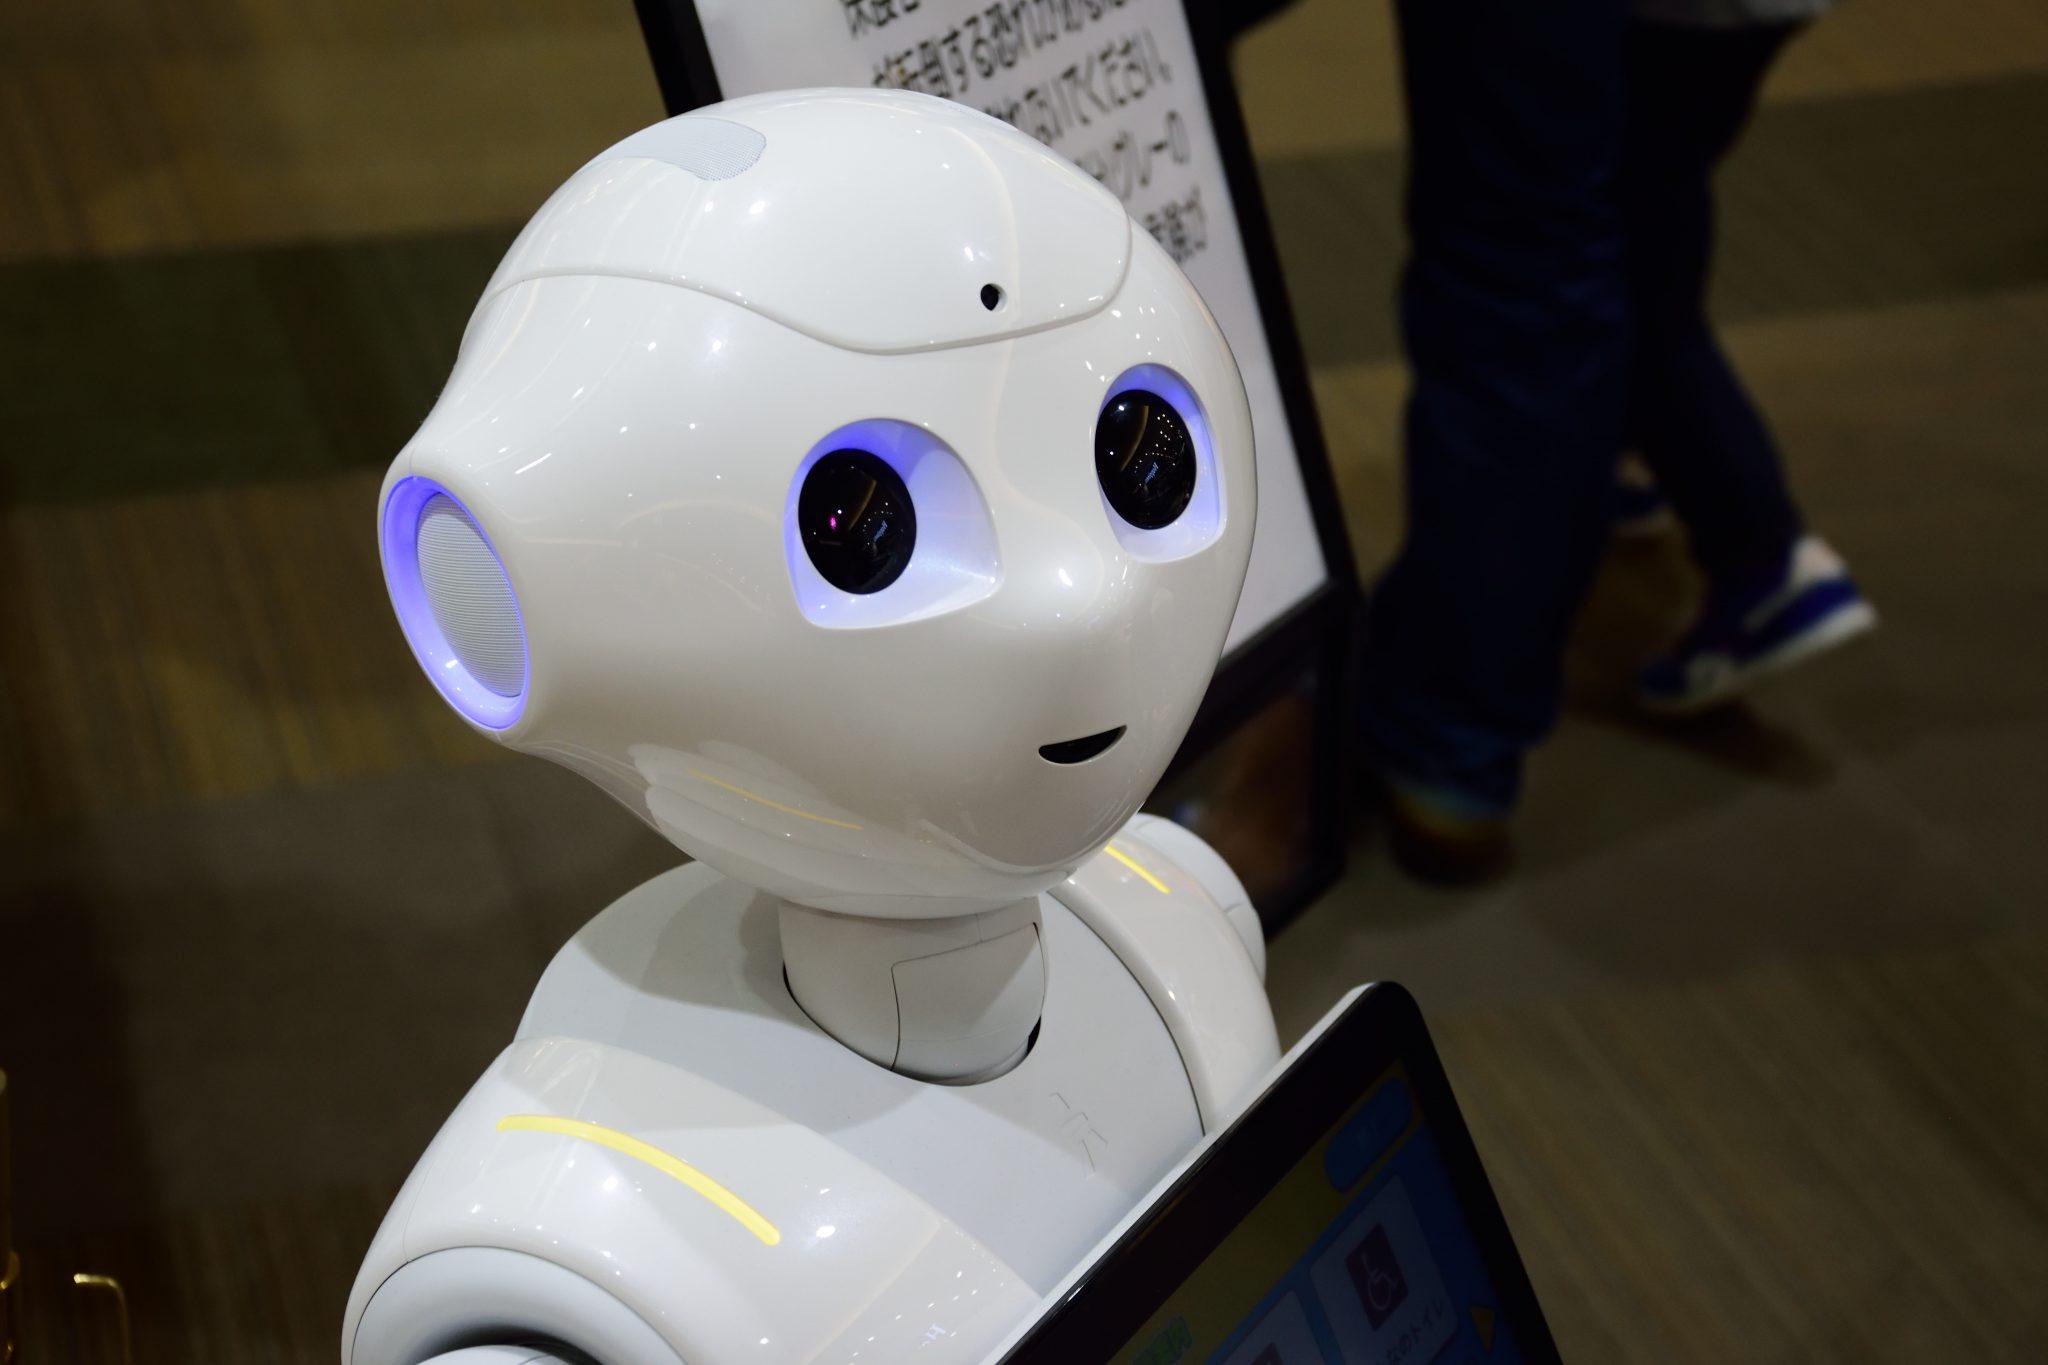 Japan's robot designers ramping up autonomous delivery tech